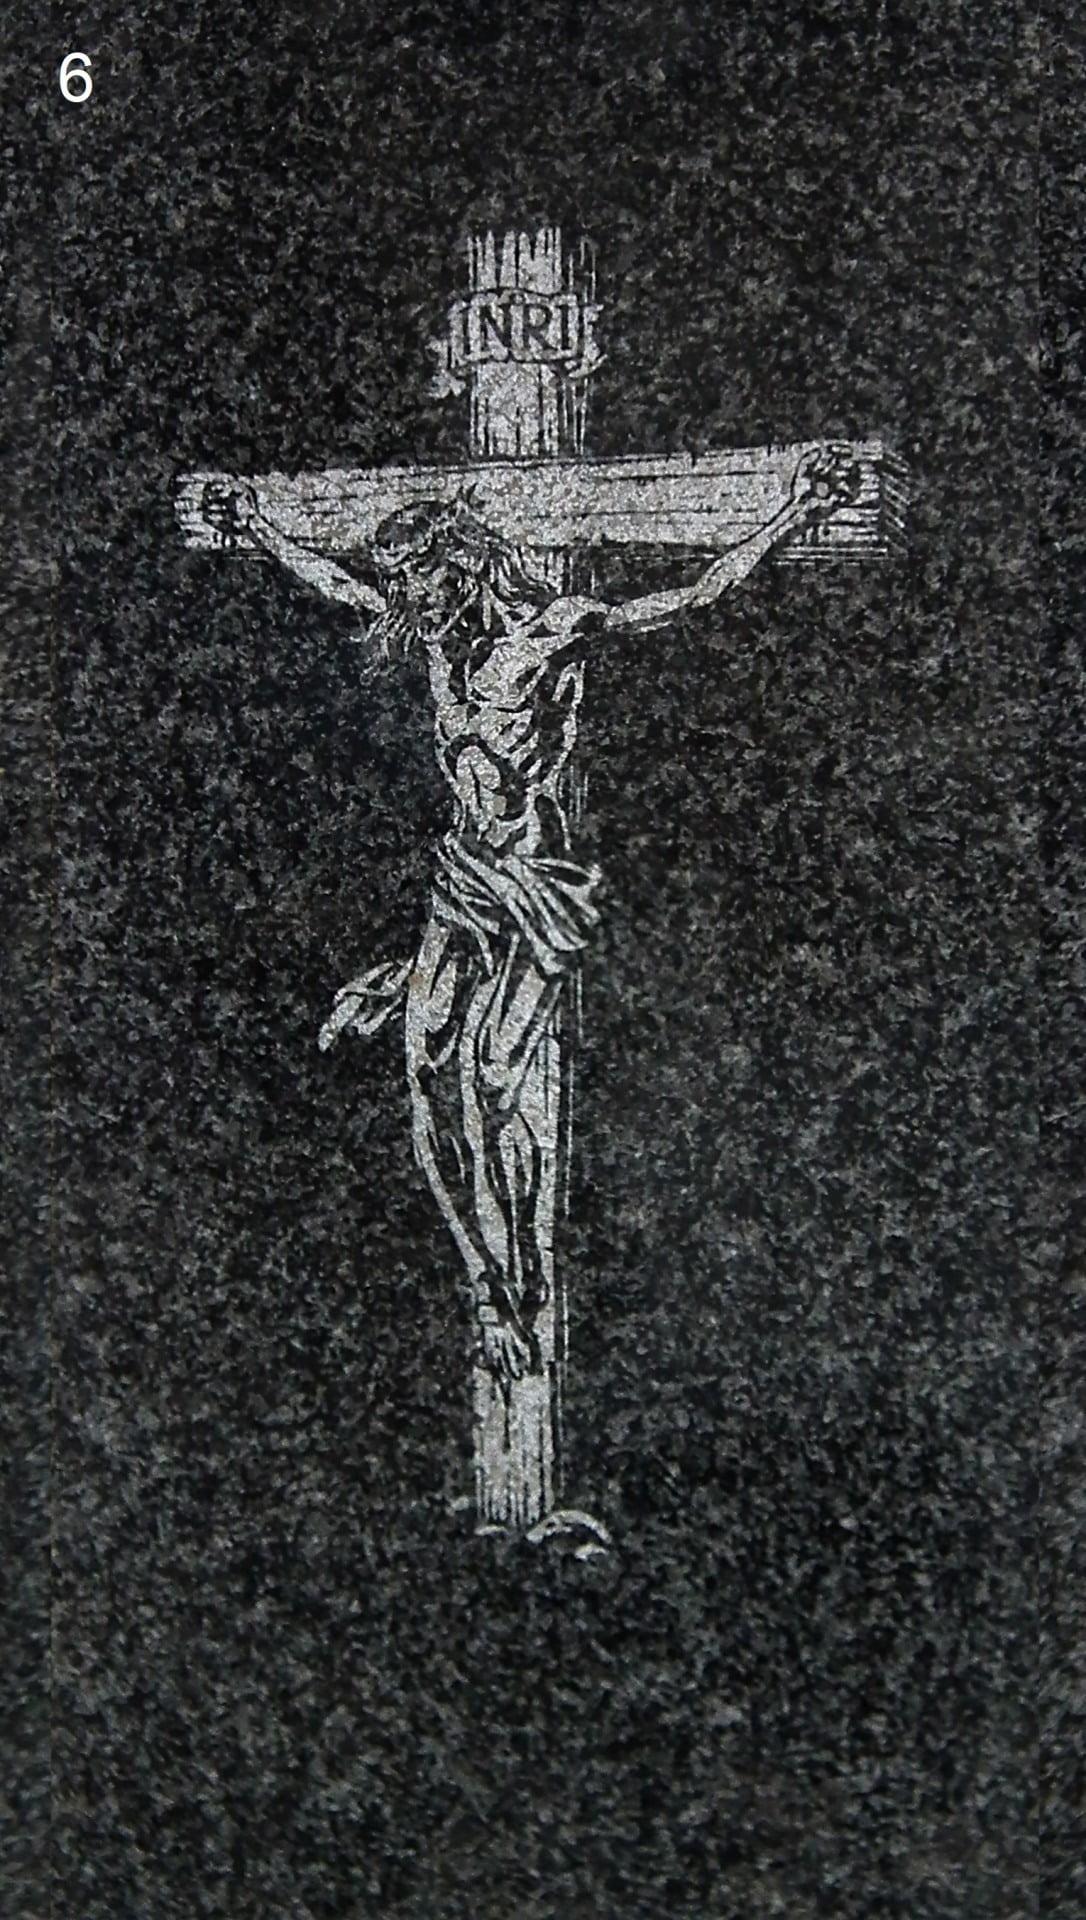 Jezus na krzyżu - Nagrobki Bielsko-Biała